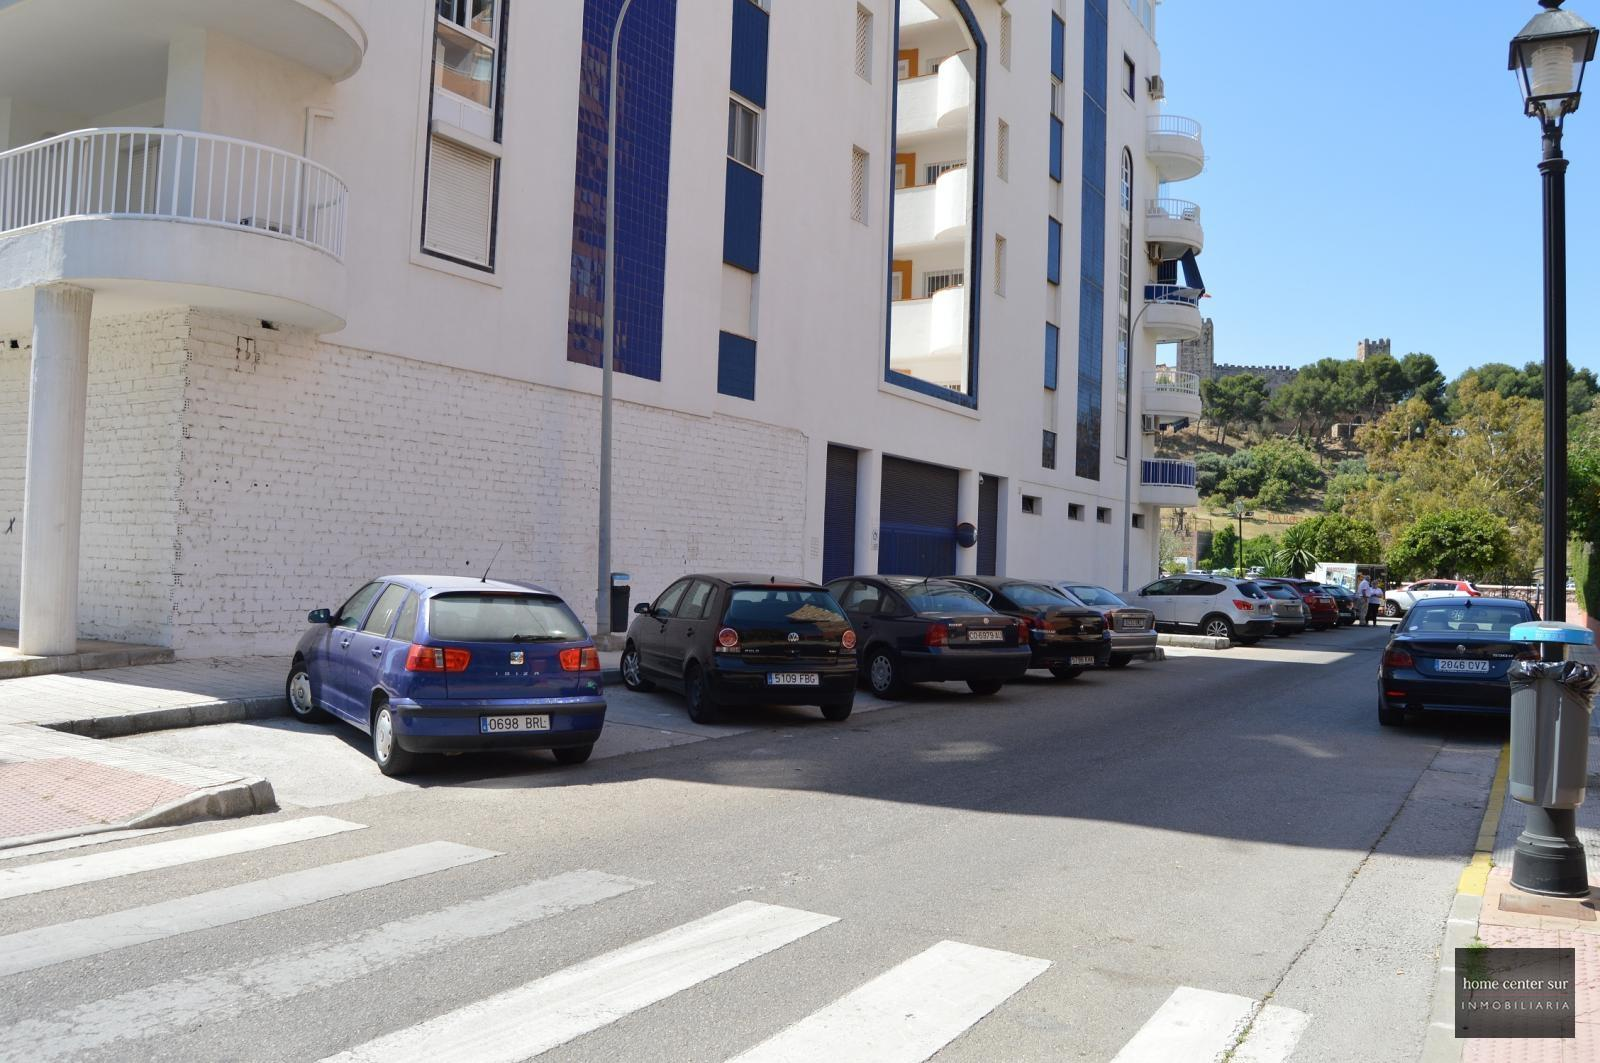 Local en alquiler en Calle Alberto Morgenstern 1 (Fuengirola), 3.500 €/mes